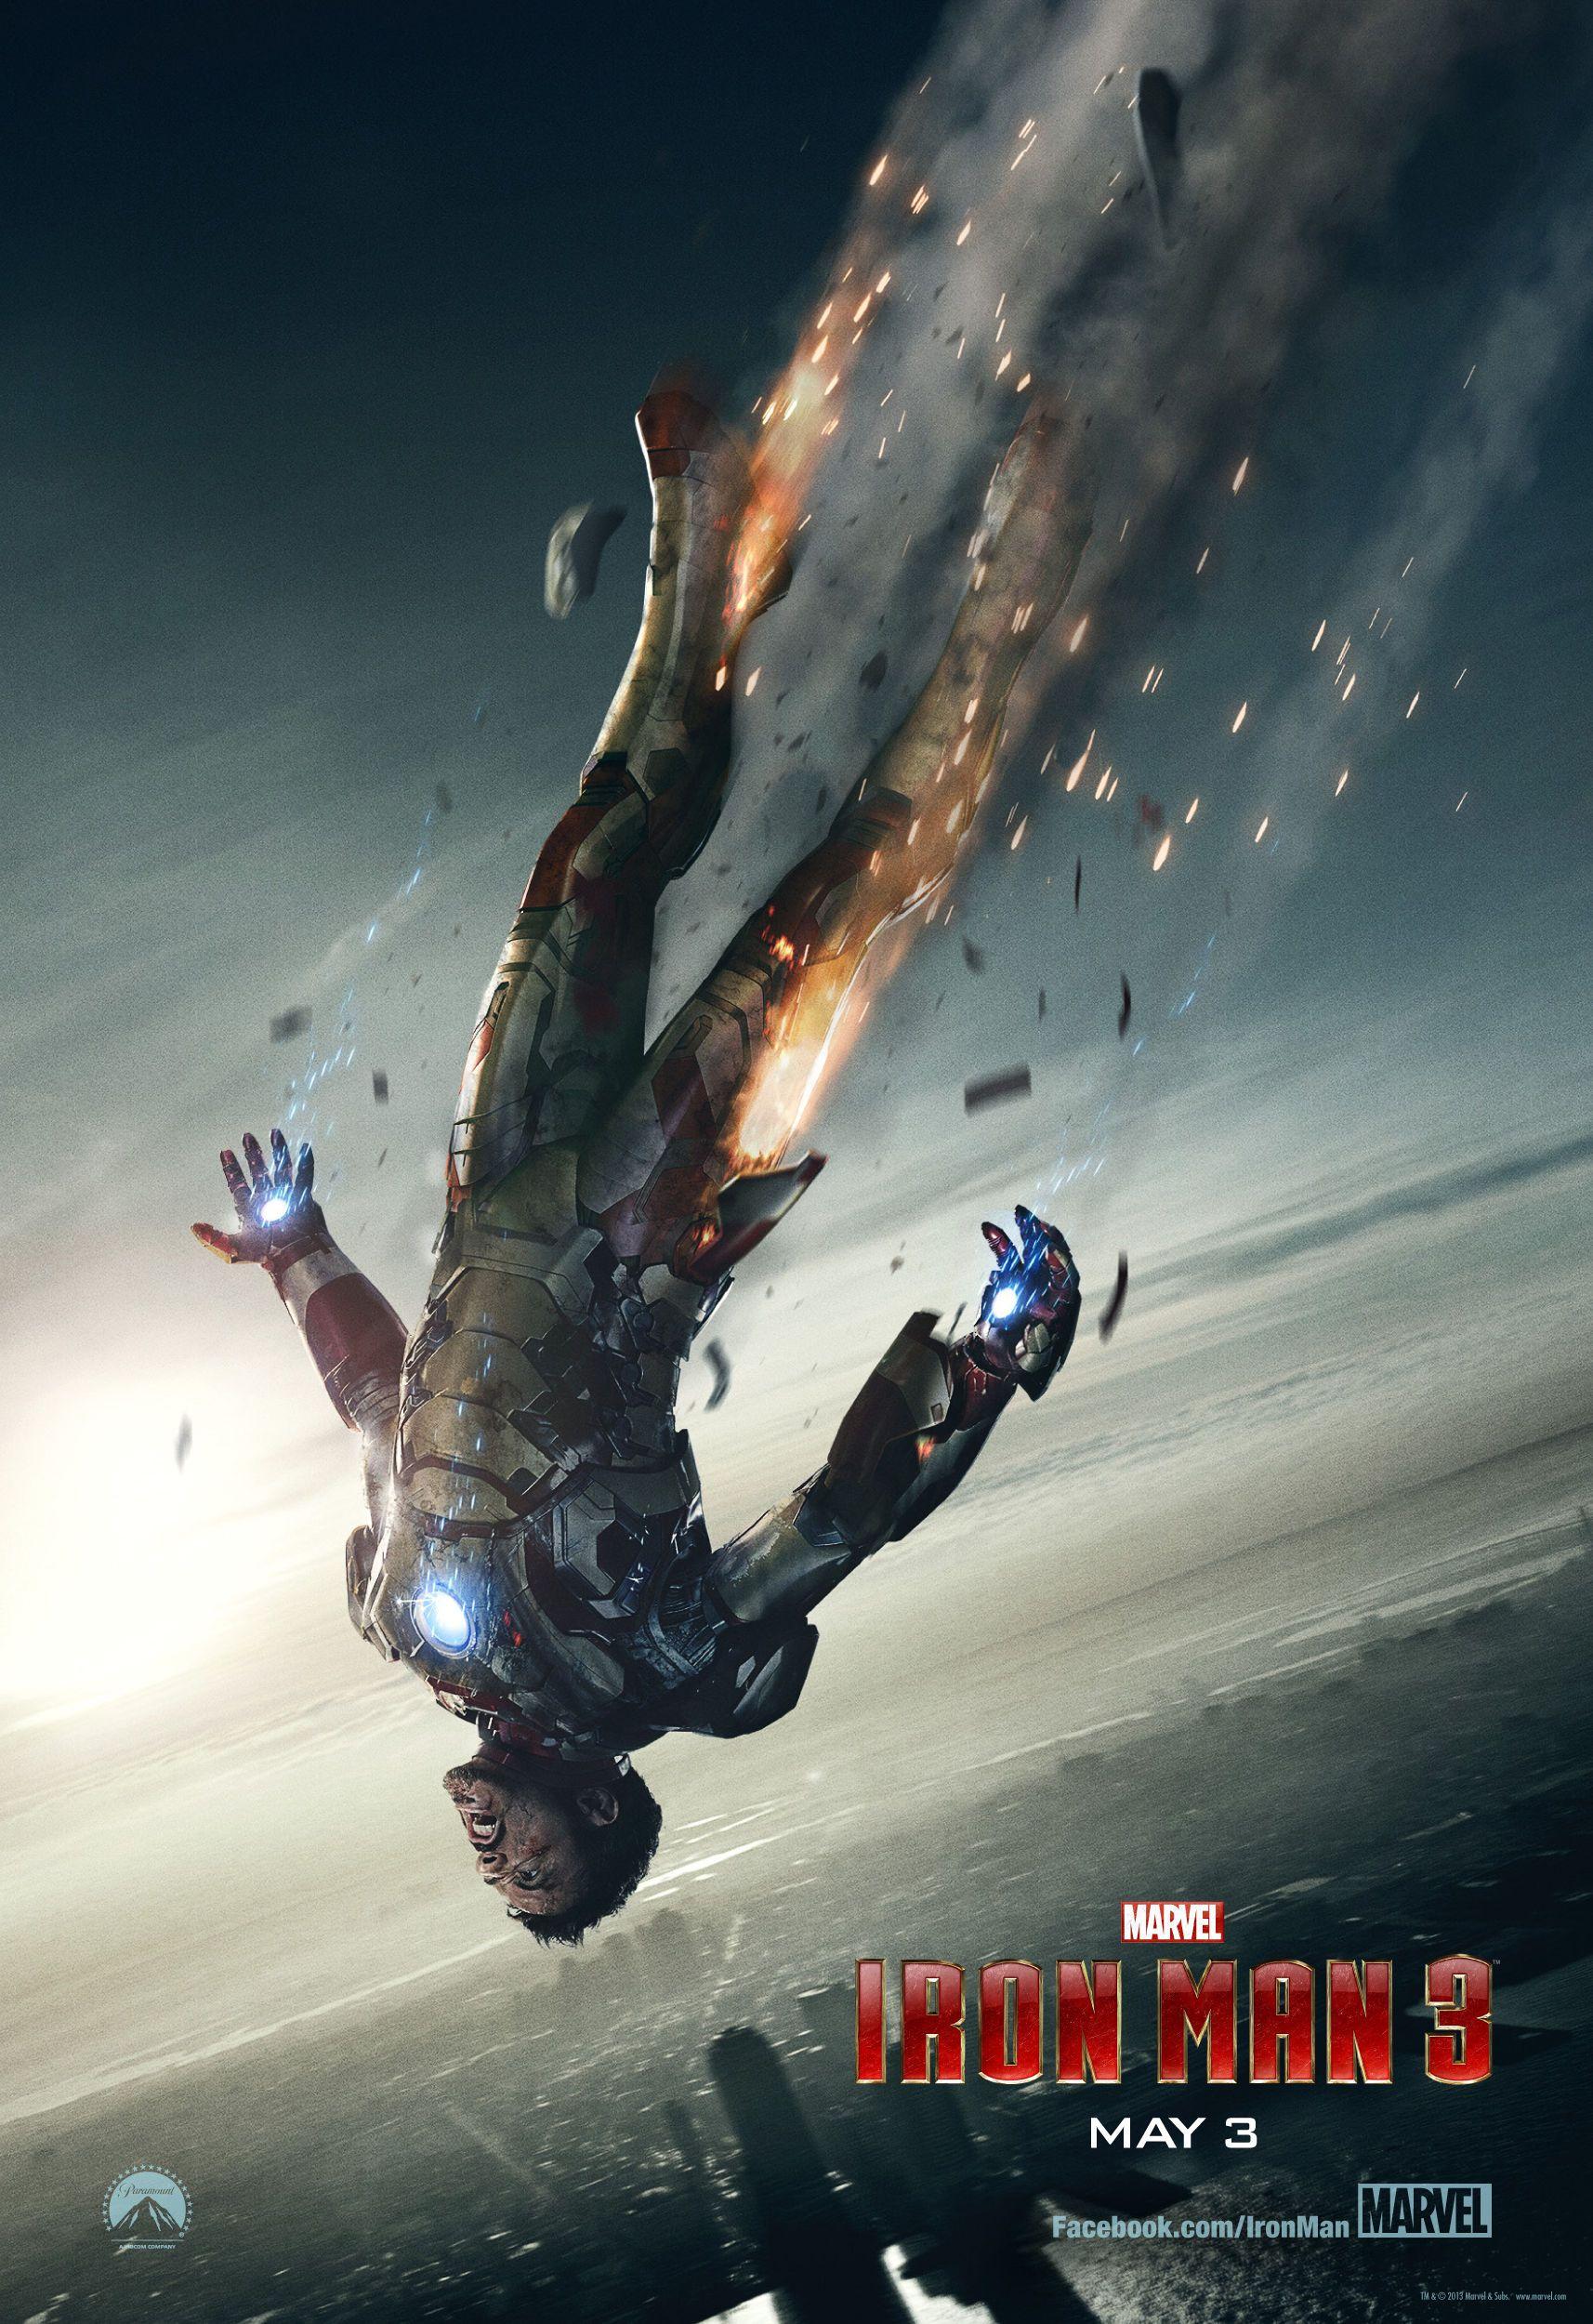 iron man 3 movie free download